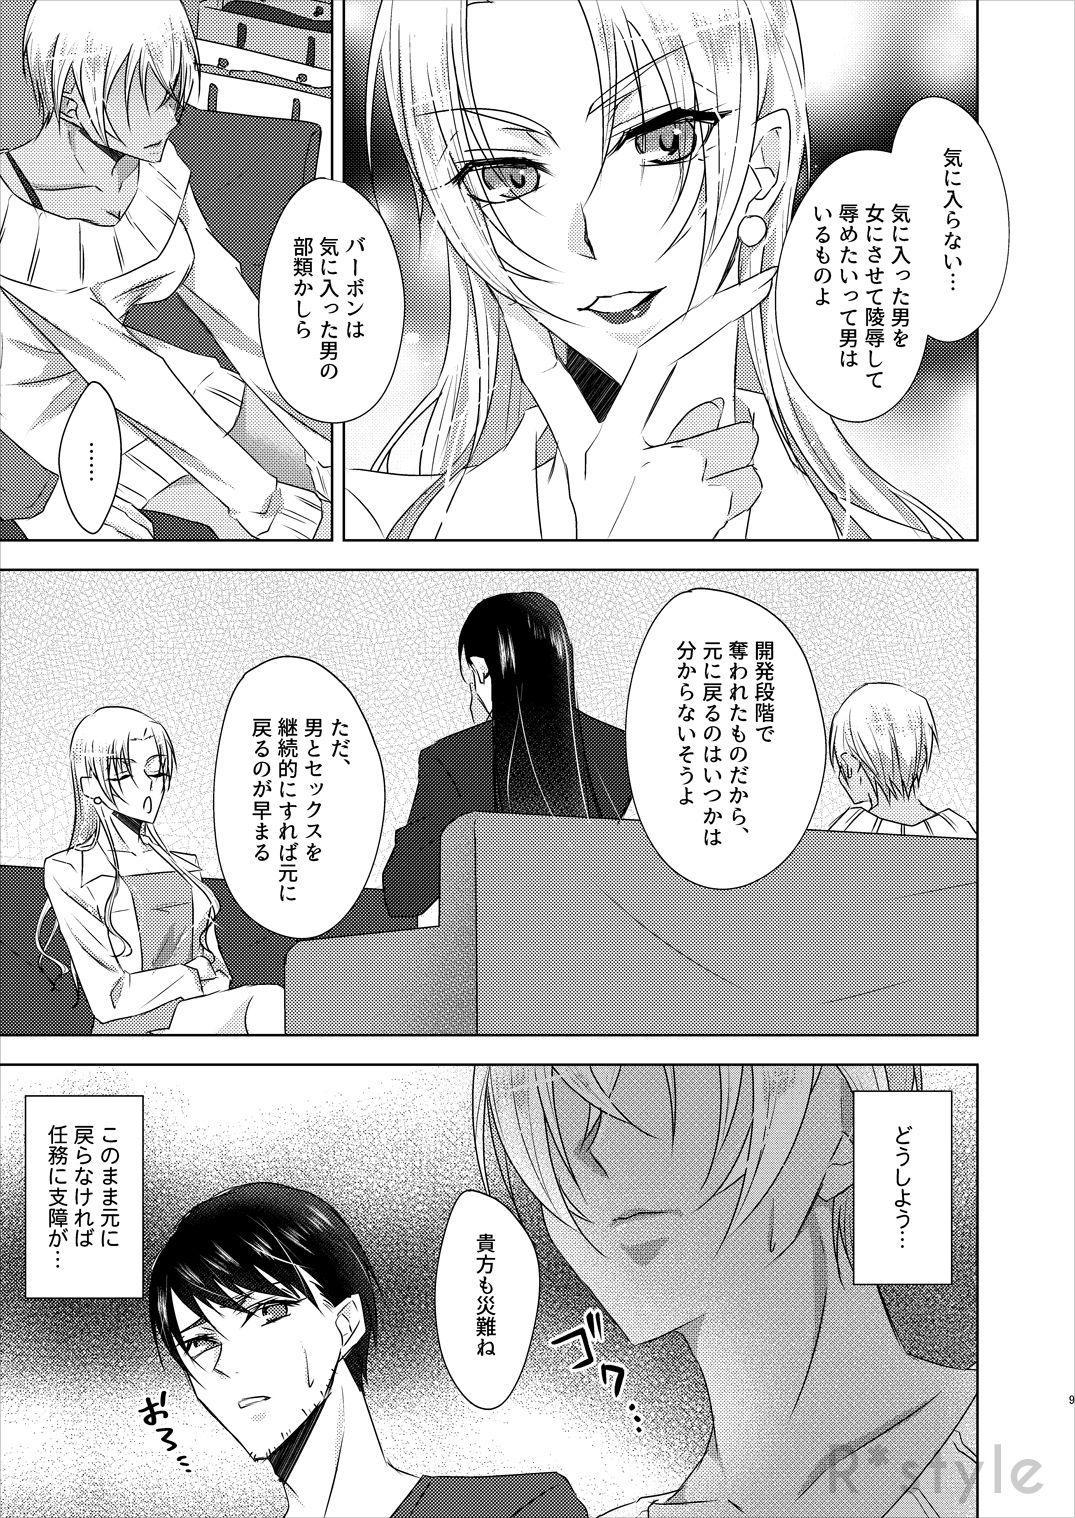 Kanojo wa Himitsu o Motteiru Side:RB 7